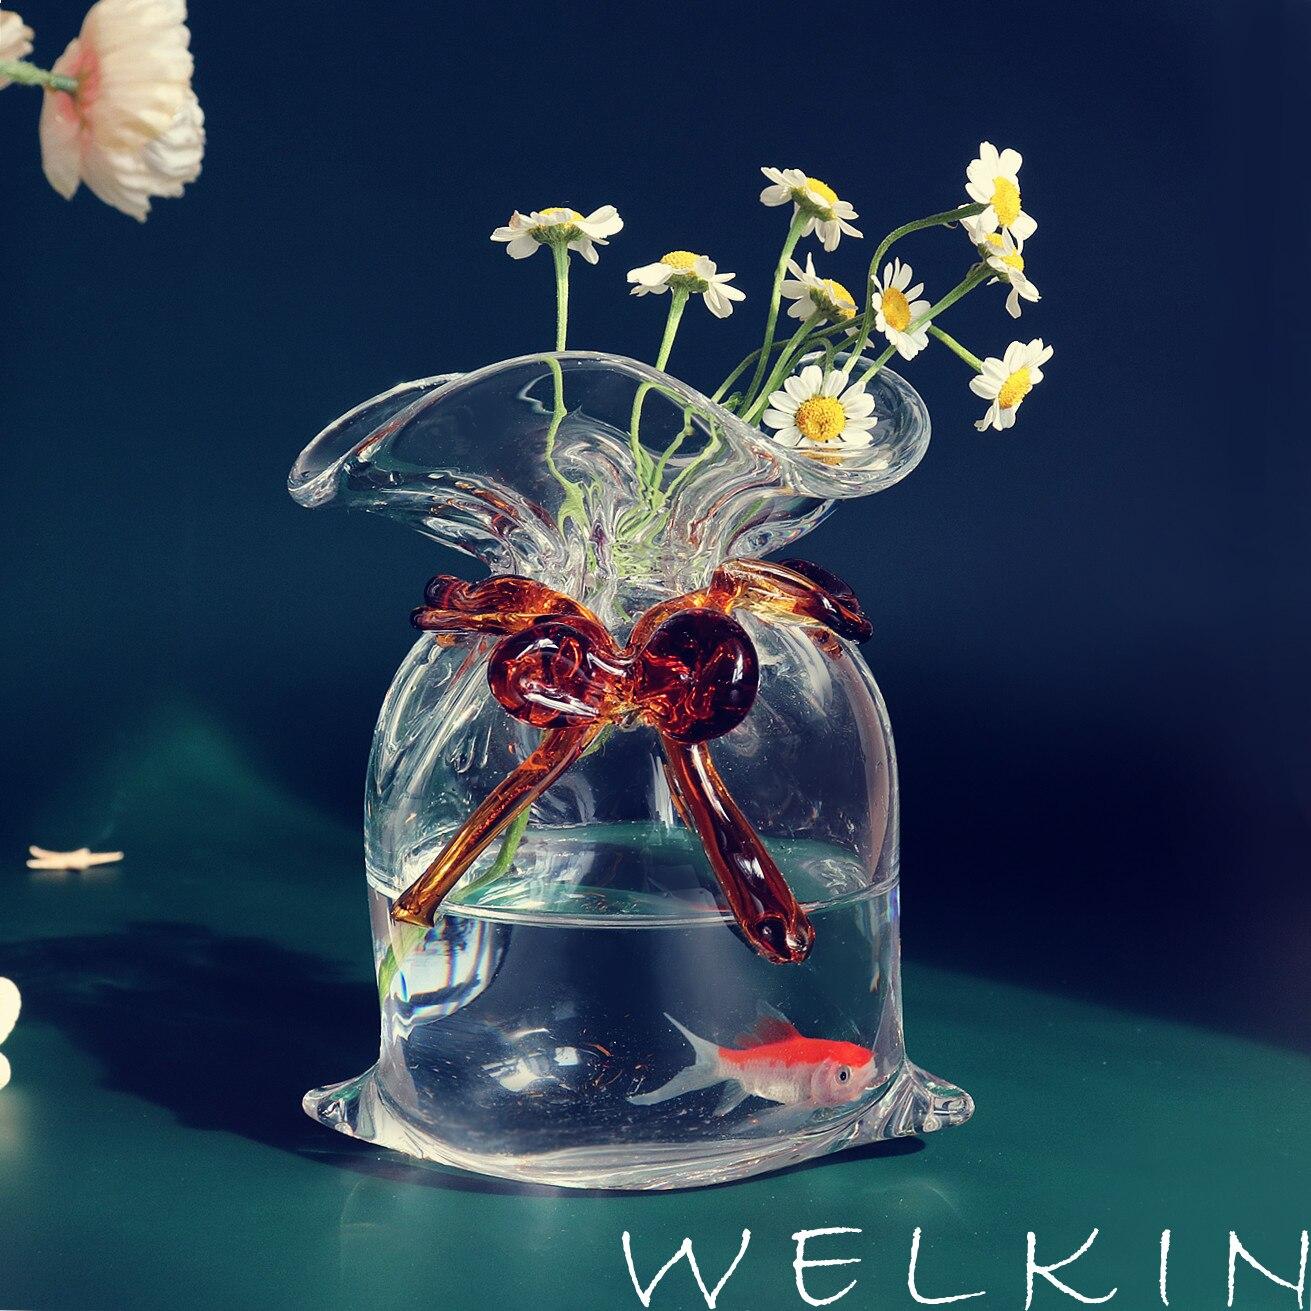 المال الإبداعي اليدوية الزجاج حقيبة زهرية حقيبة المال إيداع خزان الديكور العملي الزجاج الحلي زهرة الزراعة المائية